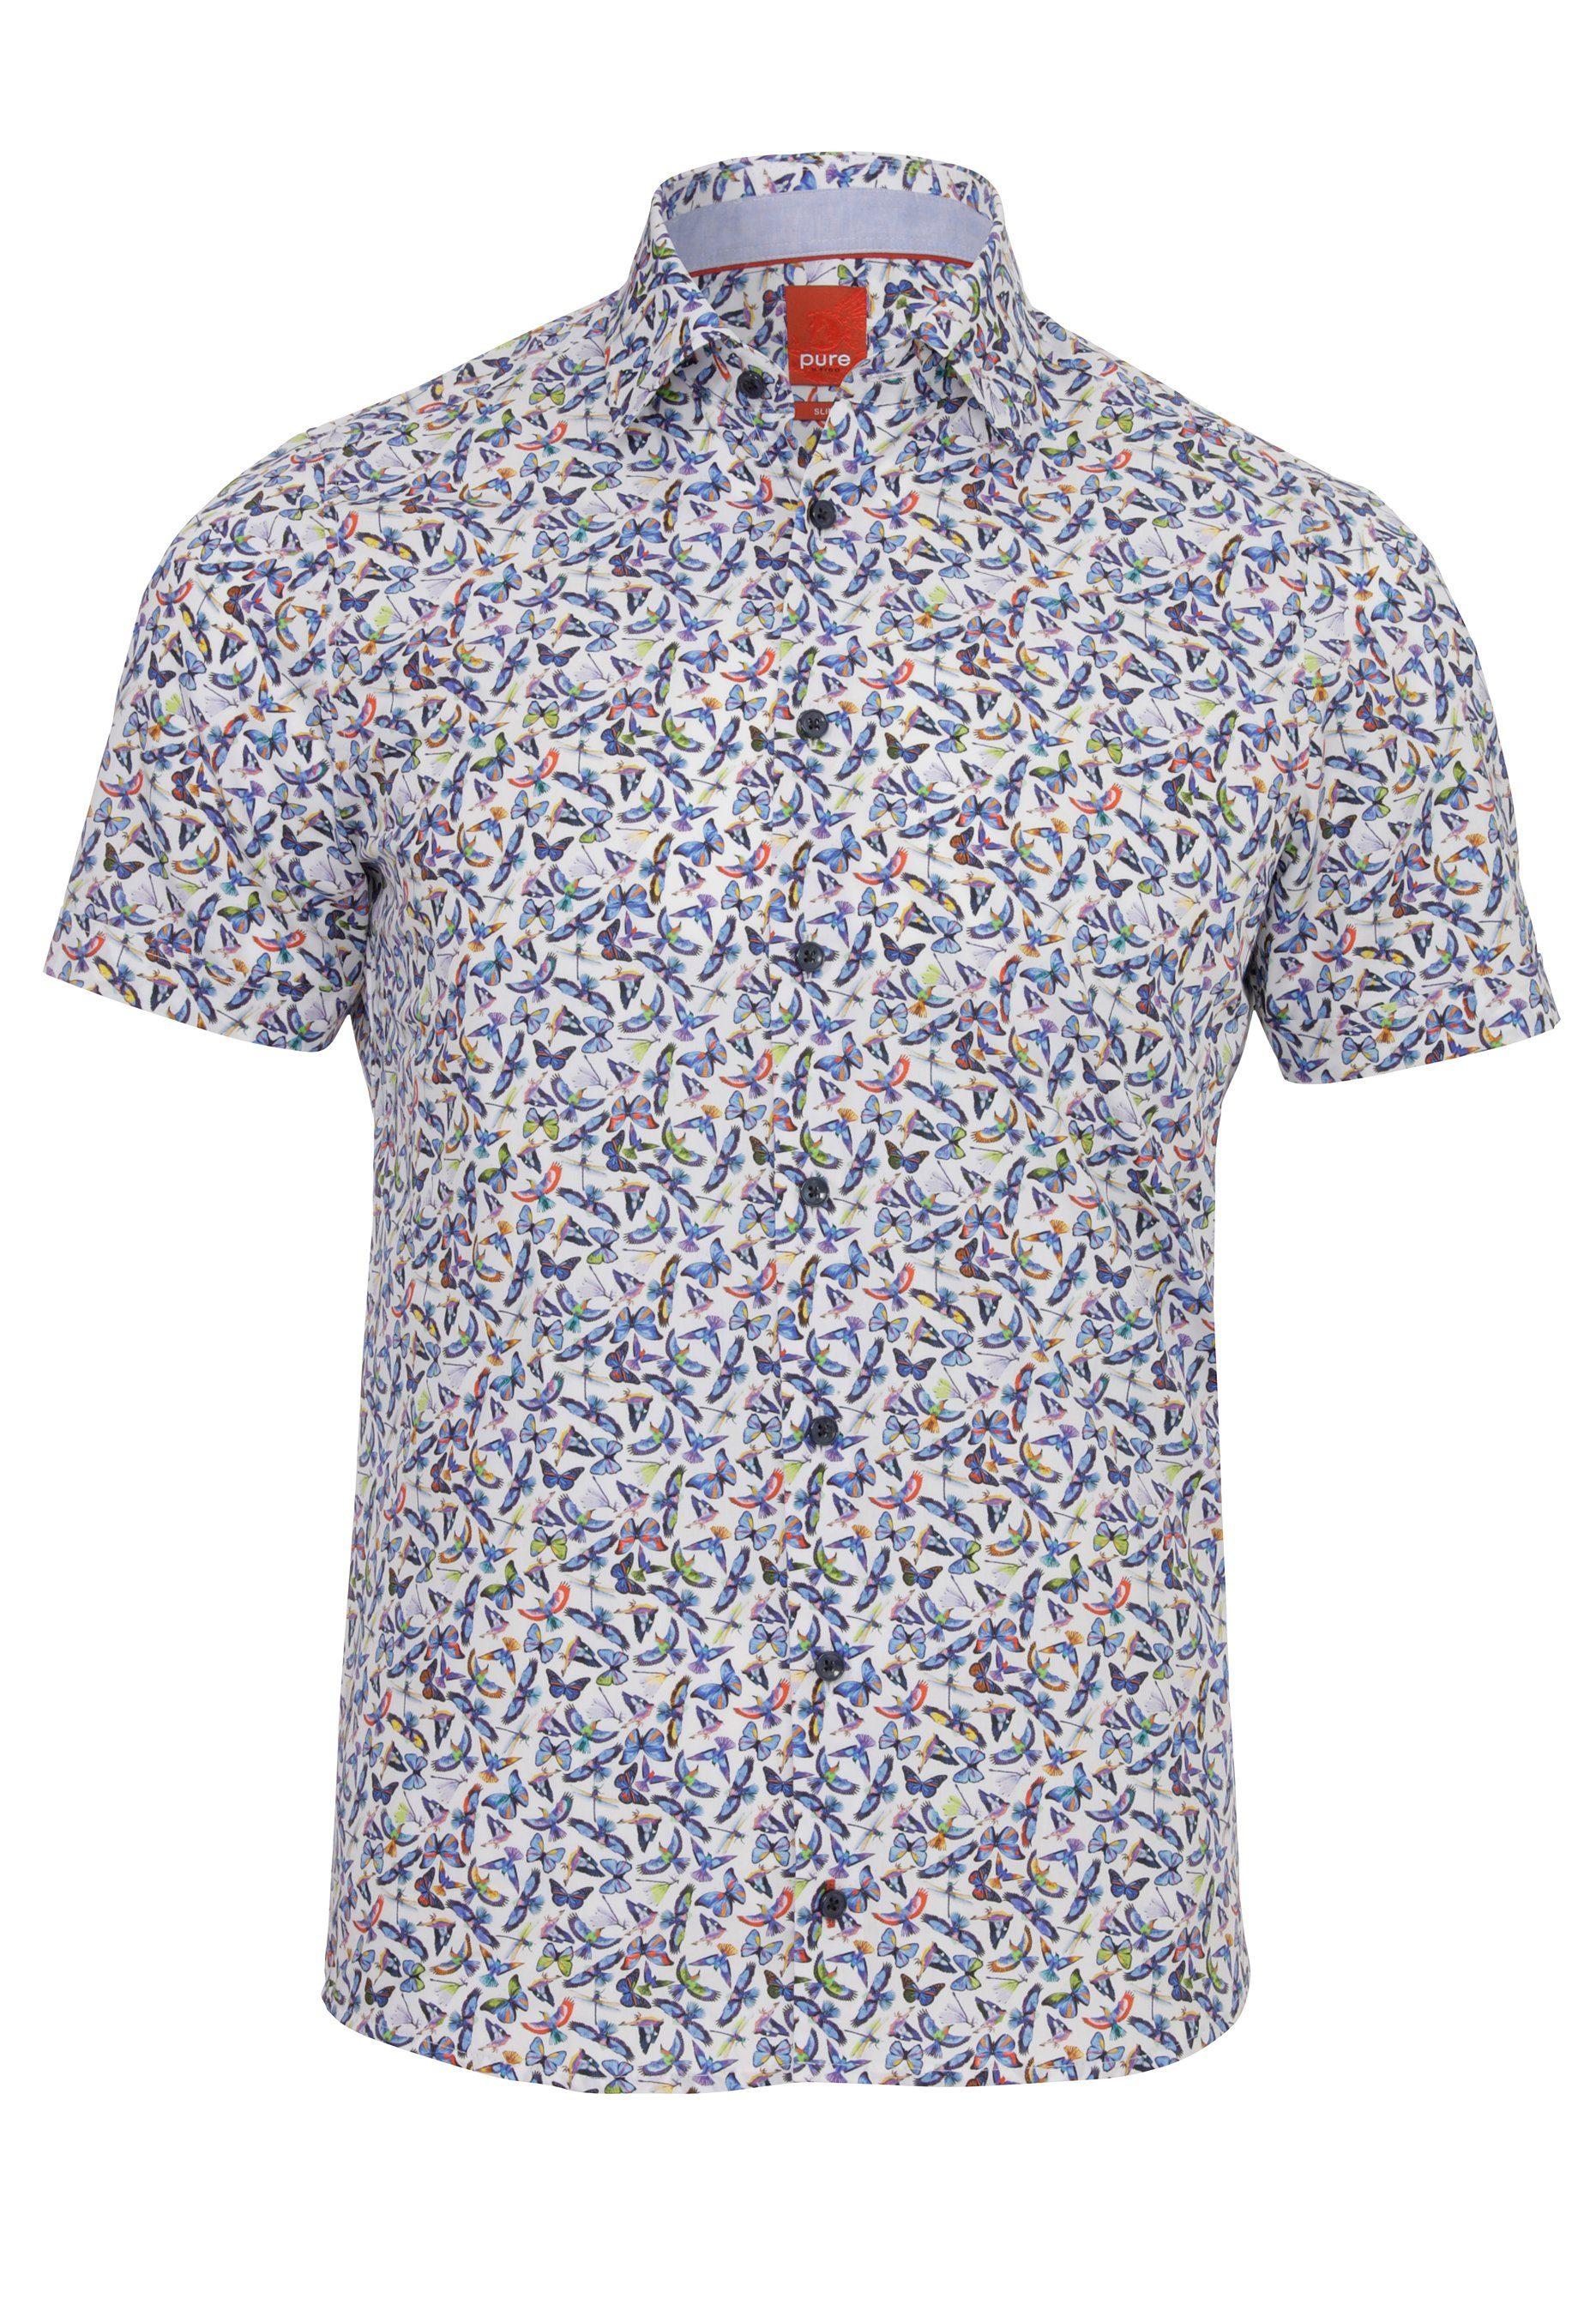 Pure Lässiges Print-Freizeithemd slim fit | Bekleidung > Hemden > Freizeithemden | Pure